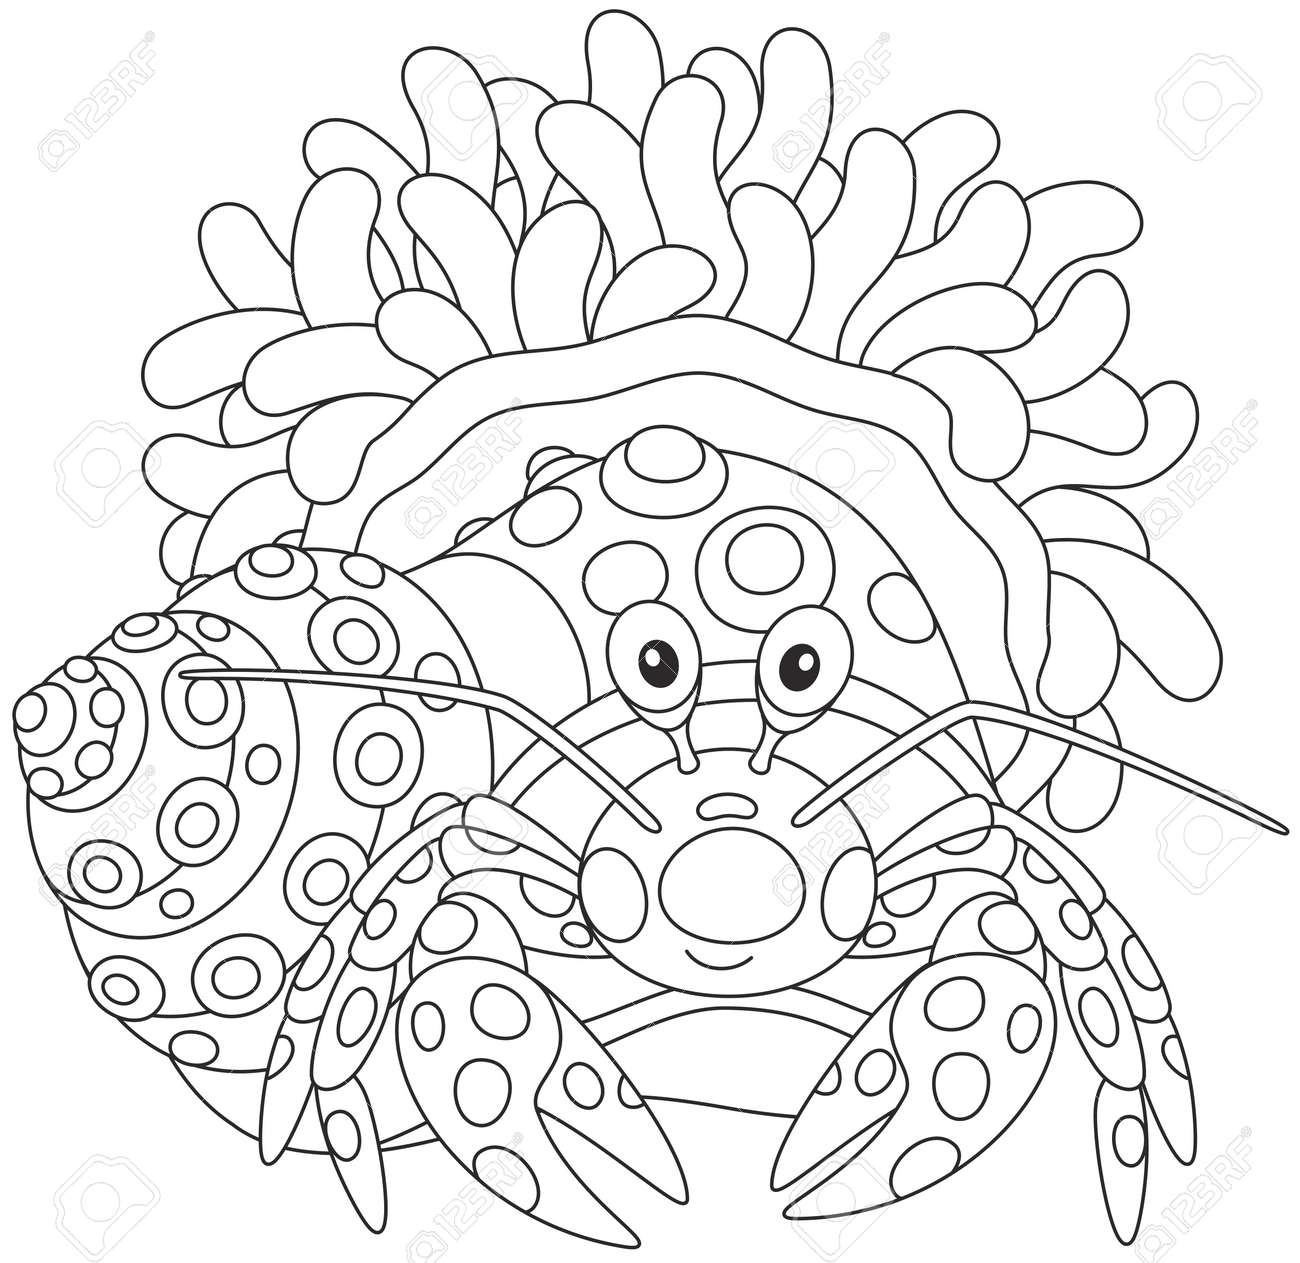 Vettoriale Piccolo Granchio Nella Sua Avrà Con Un Fiore Di Anemone